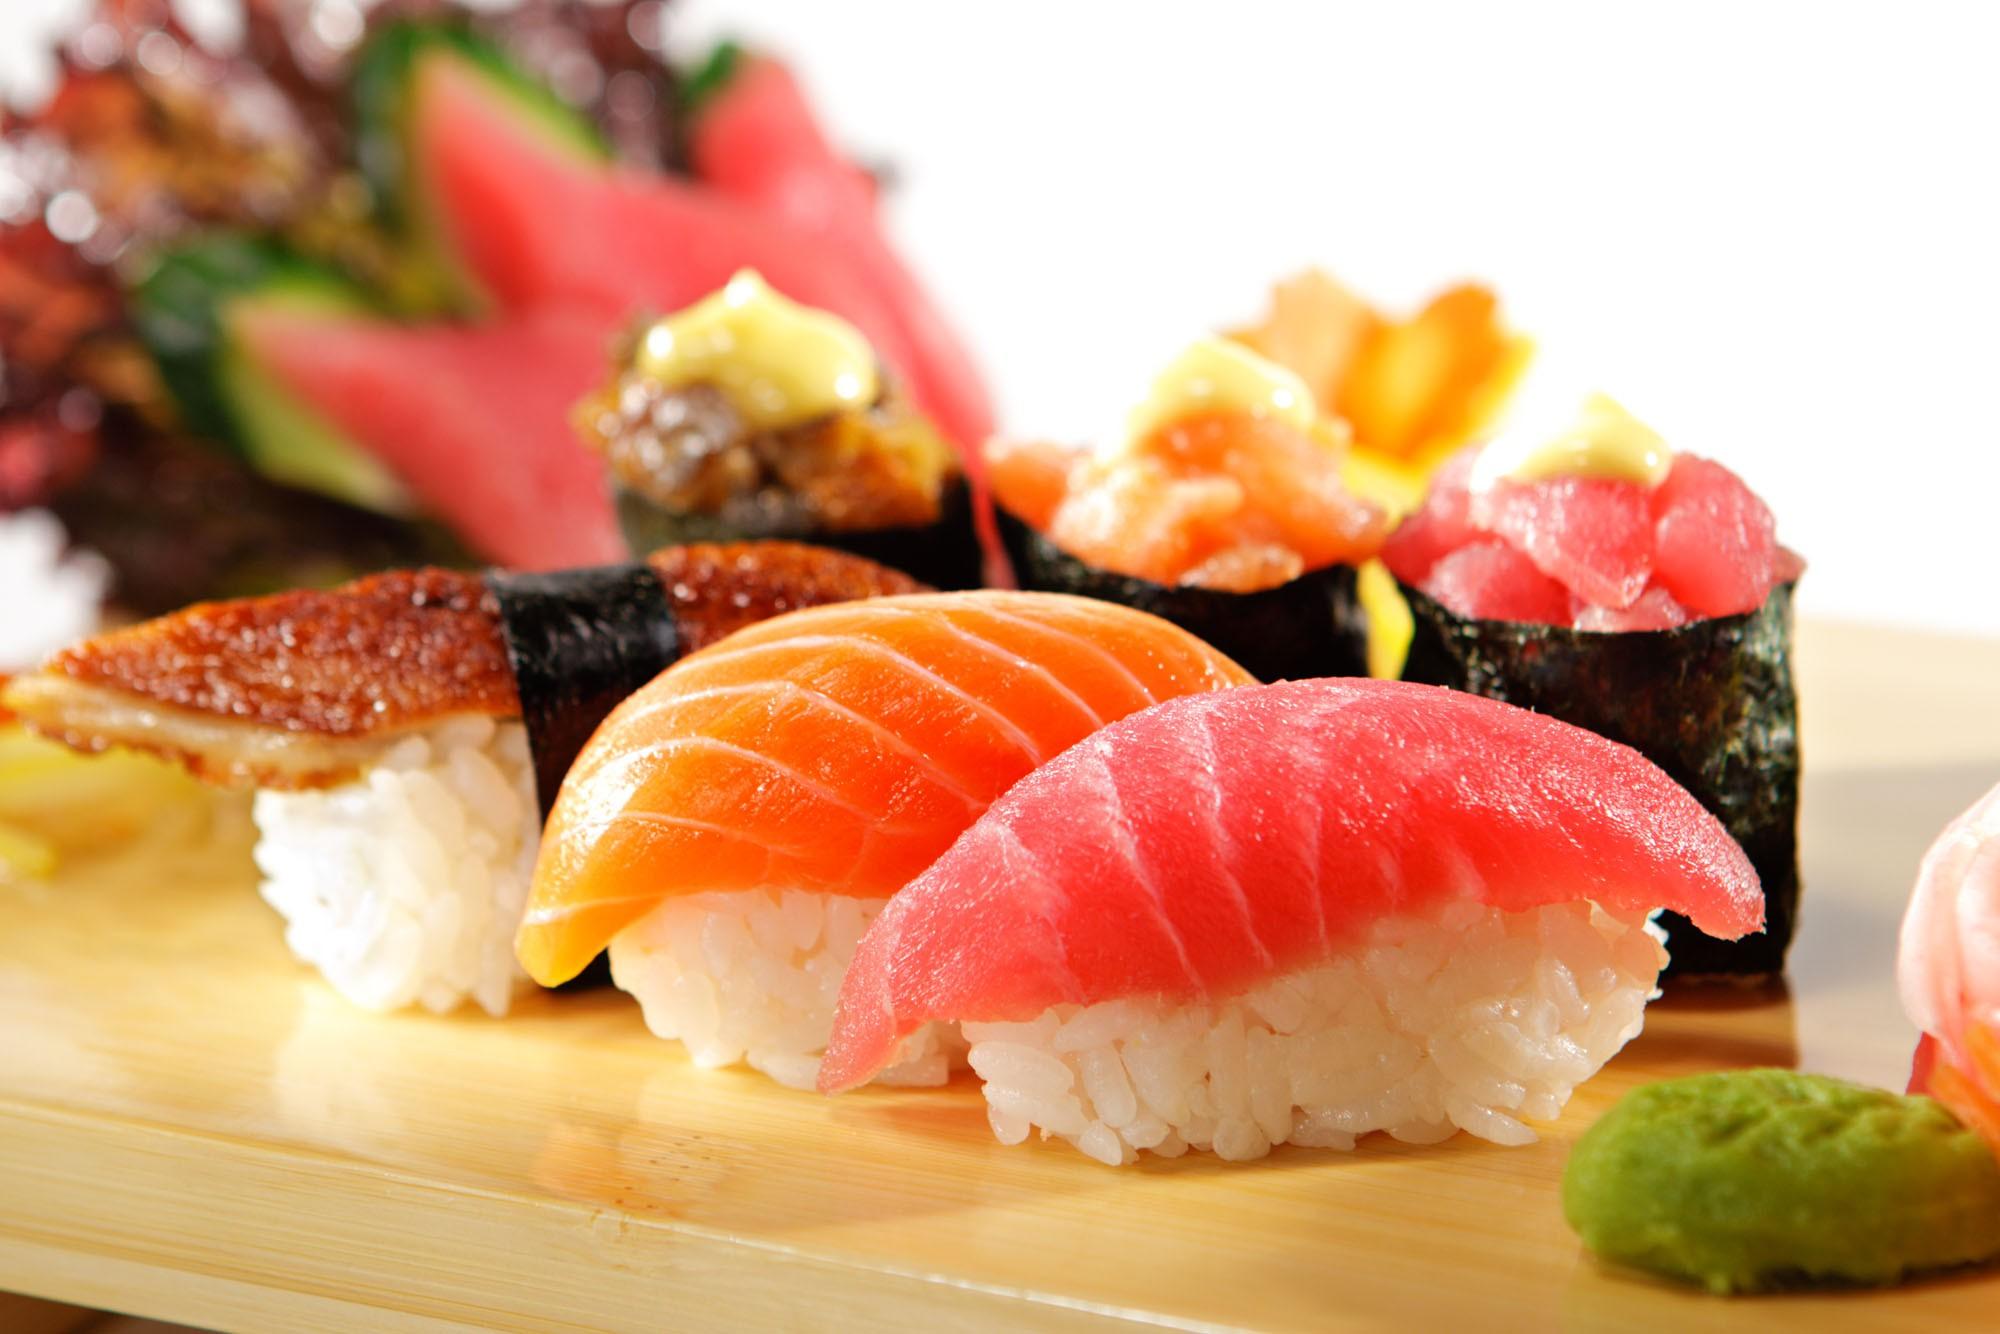 Từ thứ nguyên liệu để ướp cá rồi vứt đi, món ăn này đã trở nên nổi tiếng toàn cầu với giá cực